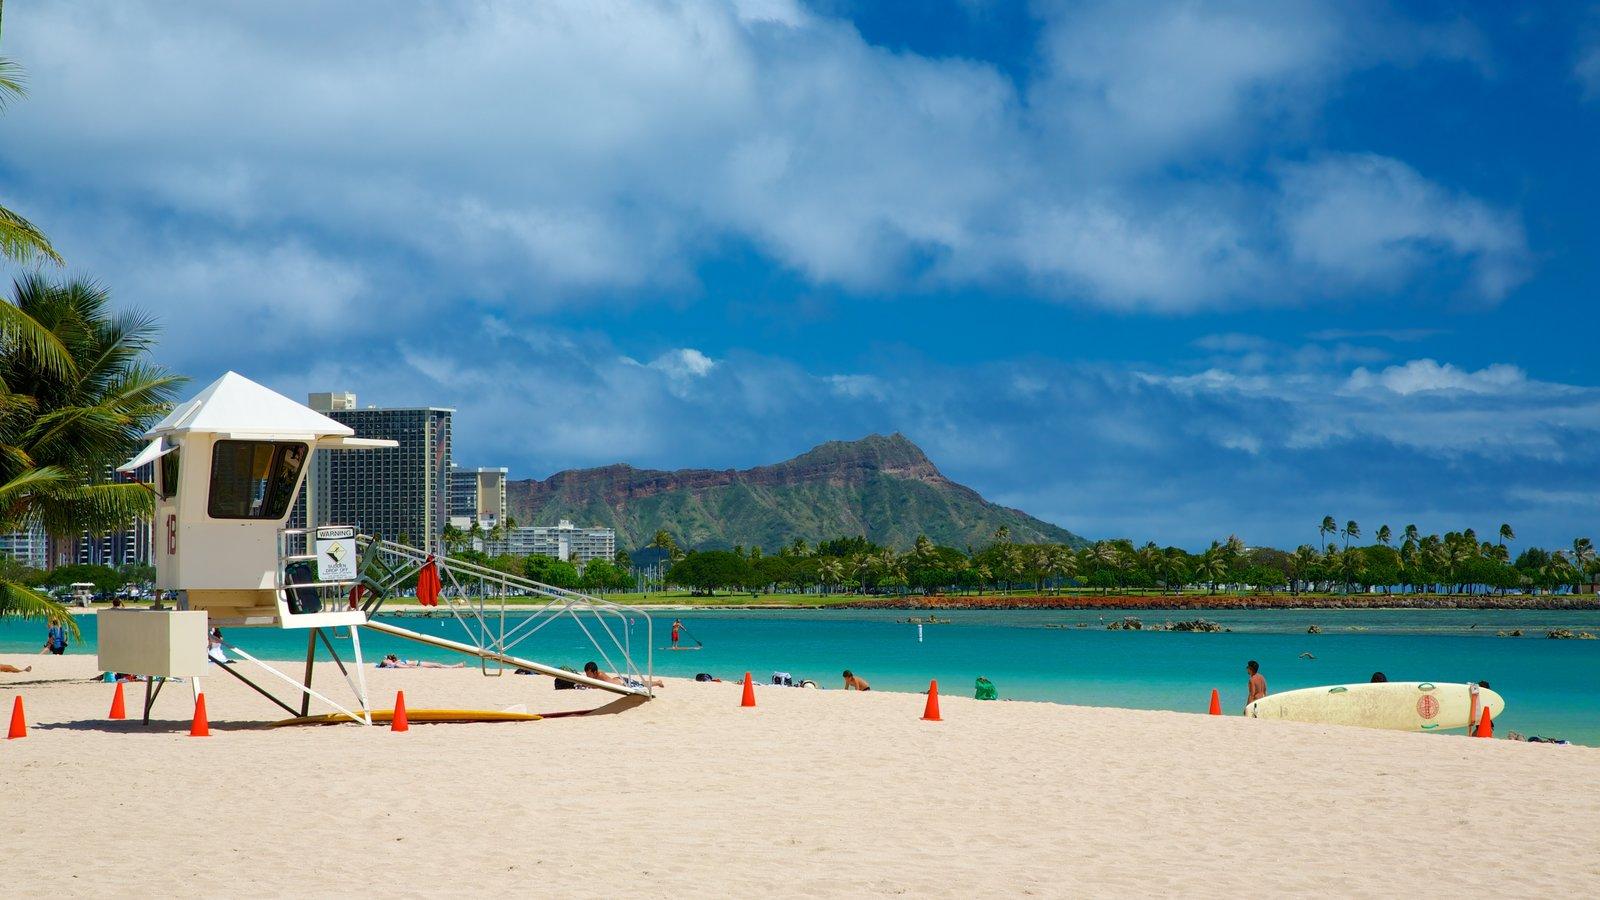 Ala Moana Beach Park que inclui uma praia de areia, natação e uma cidade litorânea